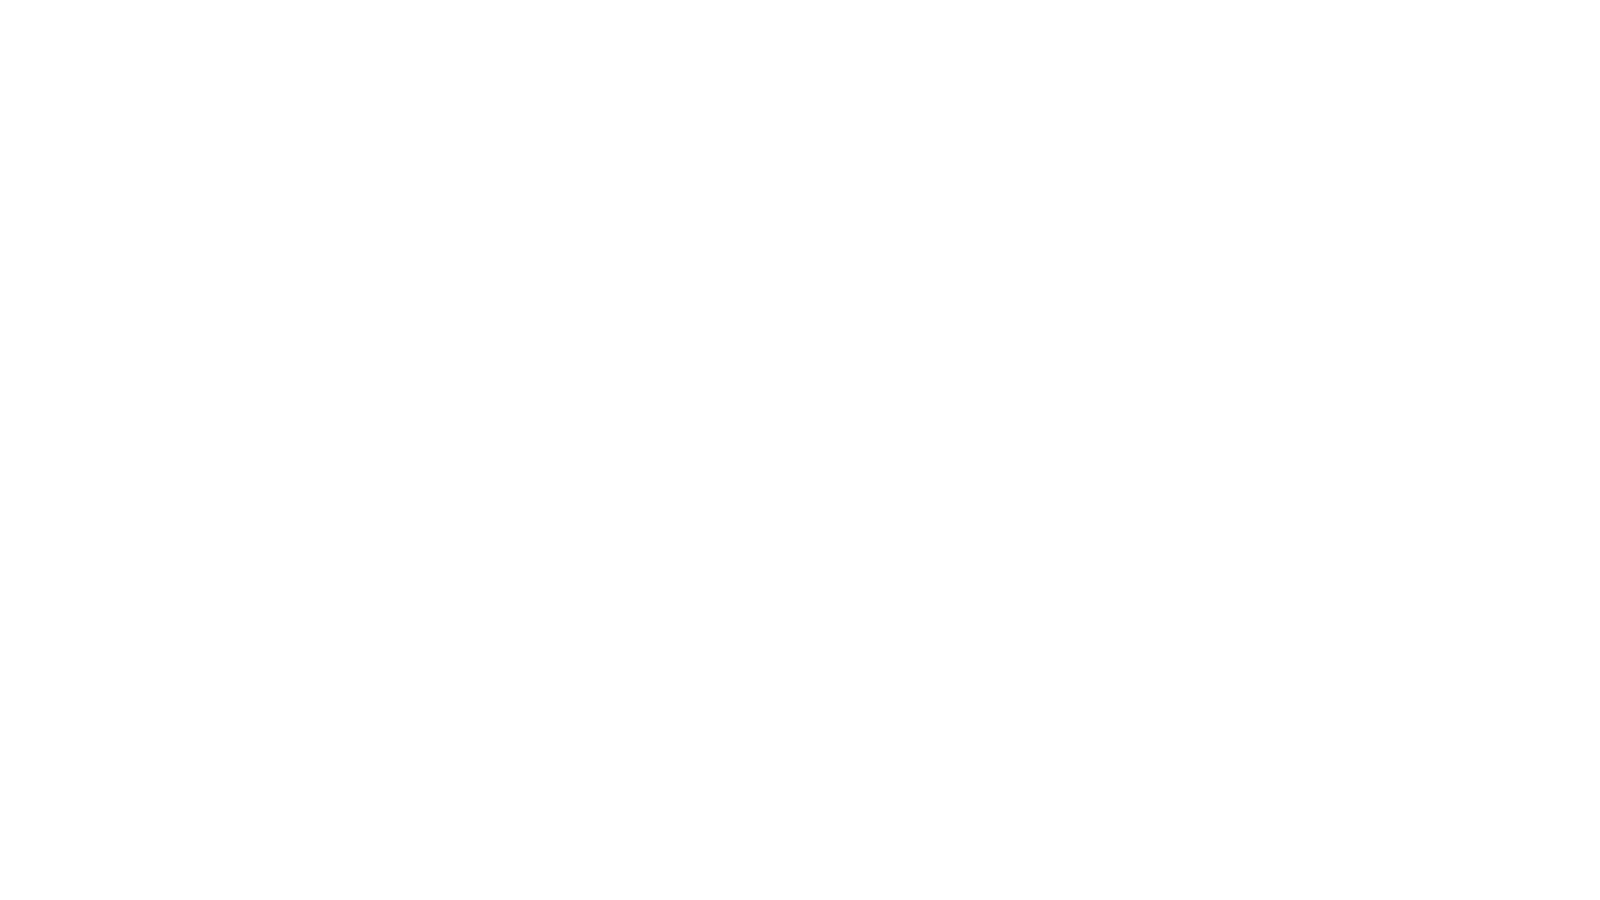 皆様、お疲れ様です。      エコ・ライス新潟です🌾   新潟県産山田錦 コシヒカリの   種籾準備、播種作業✨   その流れをまとめた動画になります。 是非、最後までご覧ください🎥       その他 ご自宅でできる レシピも満載!   是非、お試しください🌾     【↓アレンジレシピ動画はこちらから】   🔵お米のレシピ〜ロールキャベツ https://youtu.be/s4UwcJVTZNw   🔵アルファ米レシピ(ころころライスボール) https://youtu.be/veIfLlrBypw   🔵みんなのごはんレシピ(カルナローリのトマトリゾット) https://youtu.be/DmQ2JdZ5S8o   🔵アルファ米「みんなのごはん」を使ったお米のレシピ  〜ハリラスープ(モロッコ料理) https://youtu.be/nXzea2t1_SE   ーーーーーーーーーーーーーーーー     🔵Alpha rice recipe - Chicken Biryani https://youtu.be/nxjlETb4xCA   🔵Alpha rice recipe - Chicken Beans https://youtu.be/Vq91E9LQc-w     【↓チャンネル登録はこちらから🌾】   https://www.youtube.com/channel/UCgIVAuzK2d0K4onGrmqpZJA     #播種#米農業#新潟米#新潟